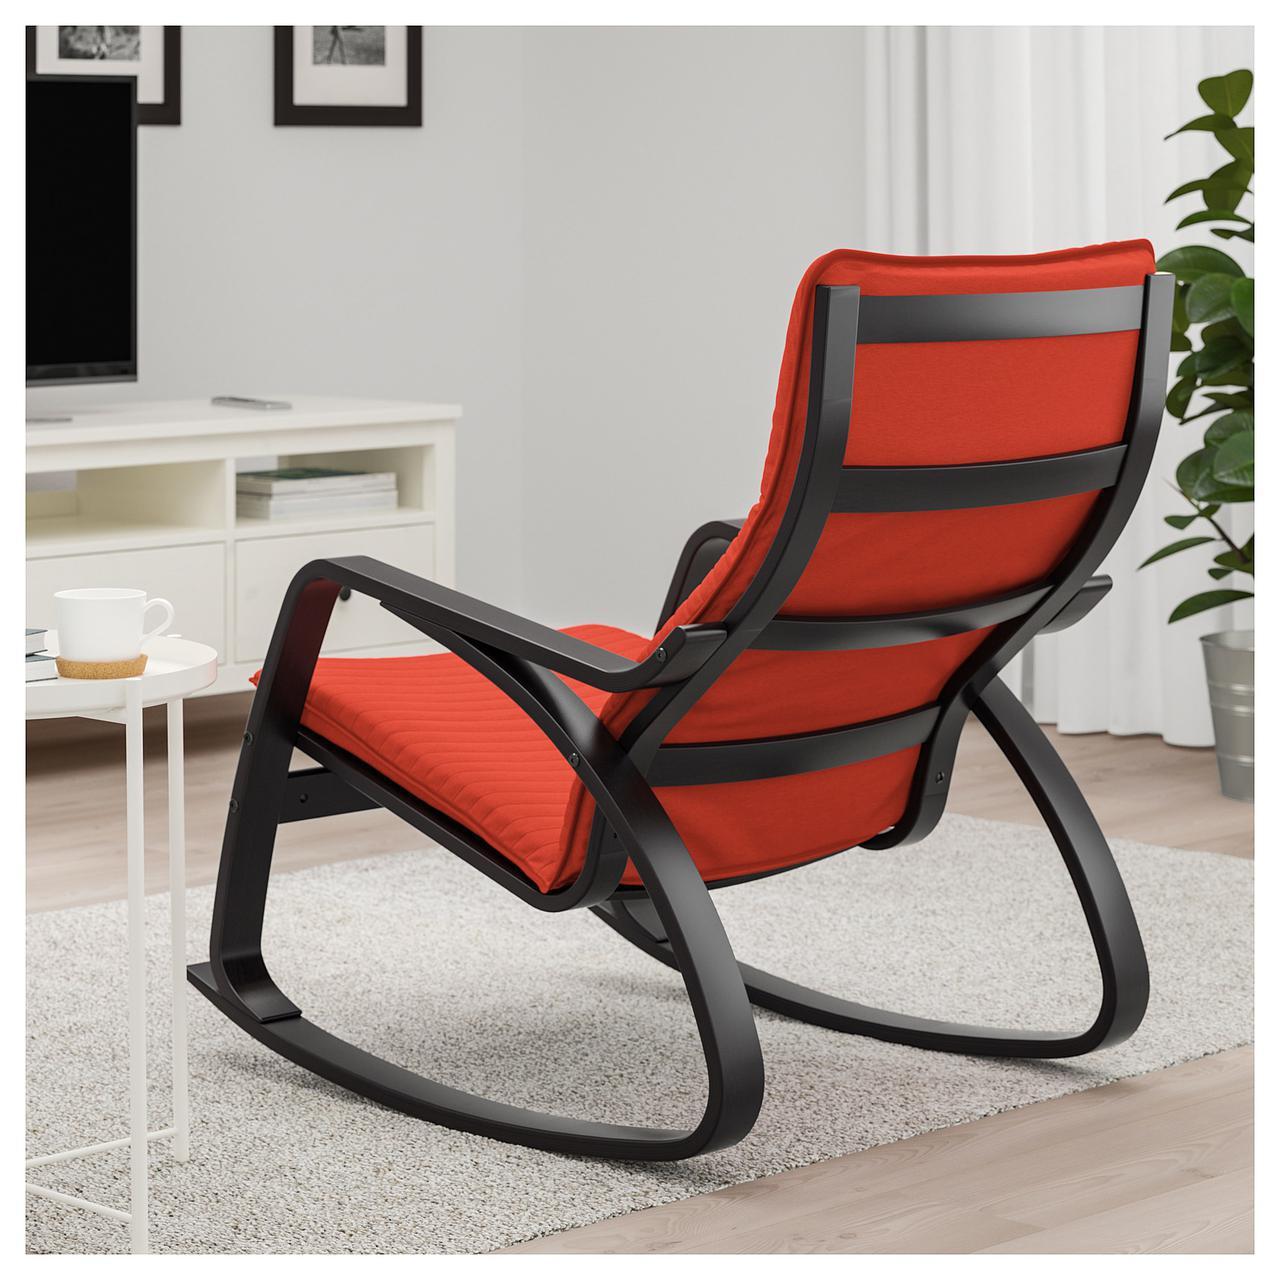 кресло качалка Ikea Poäng Knisa красное черно коричневое 09241547